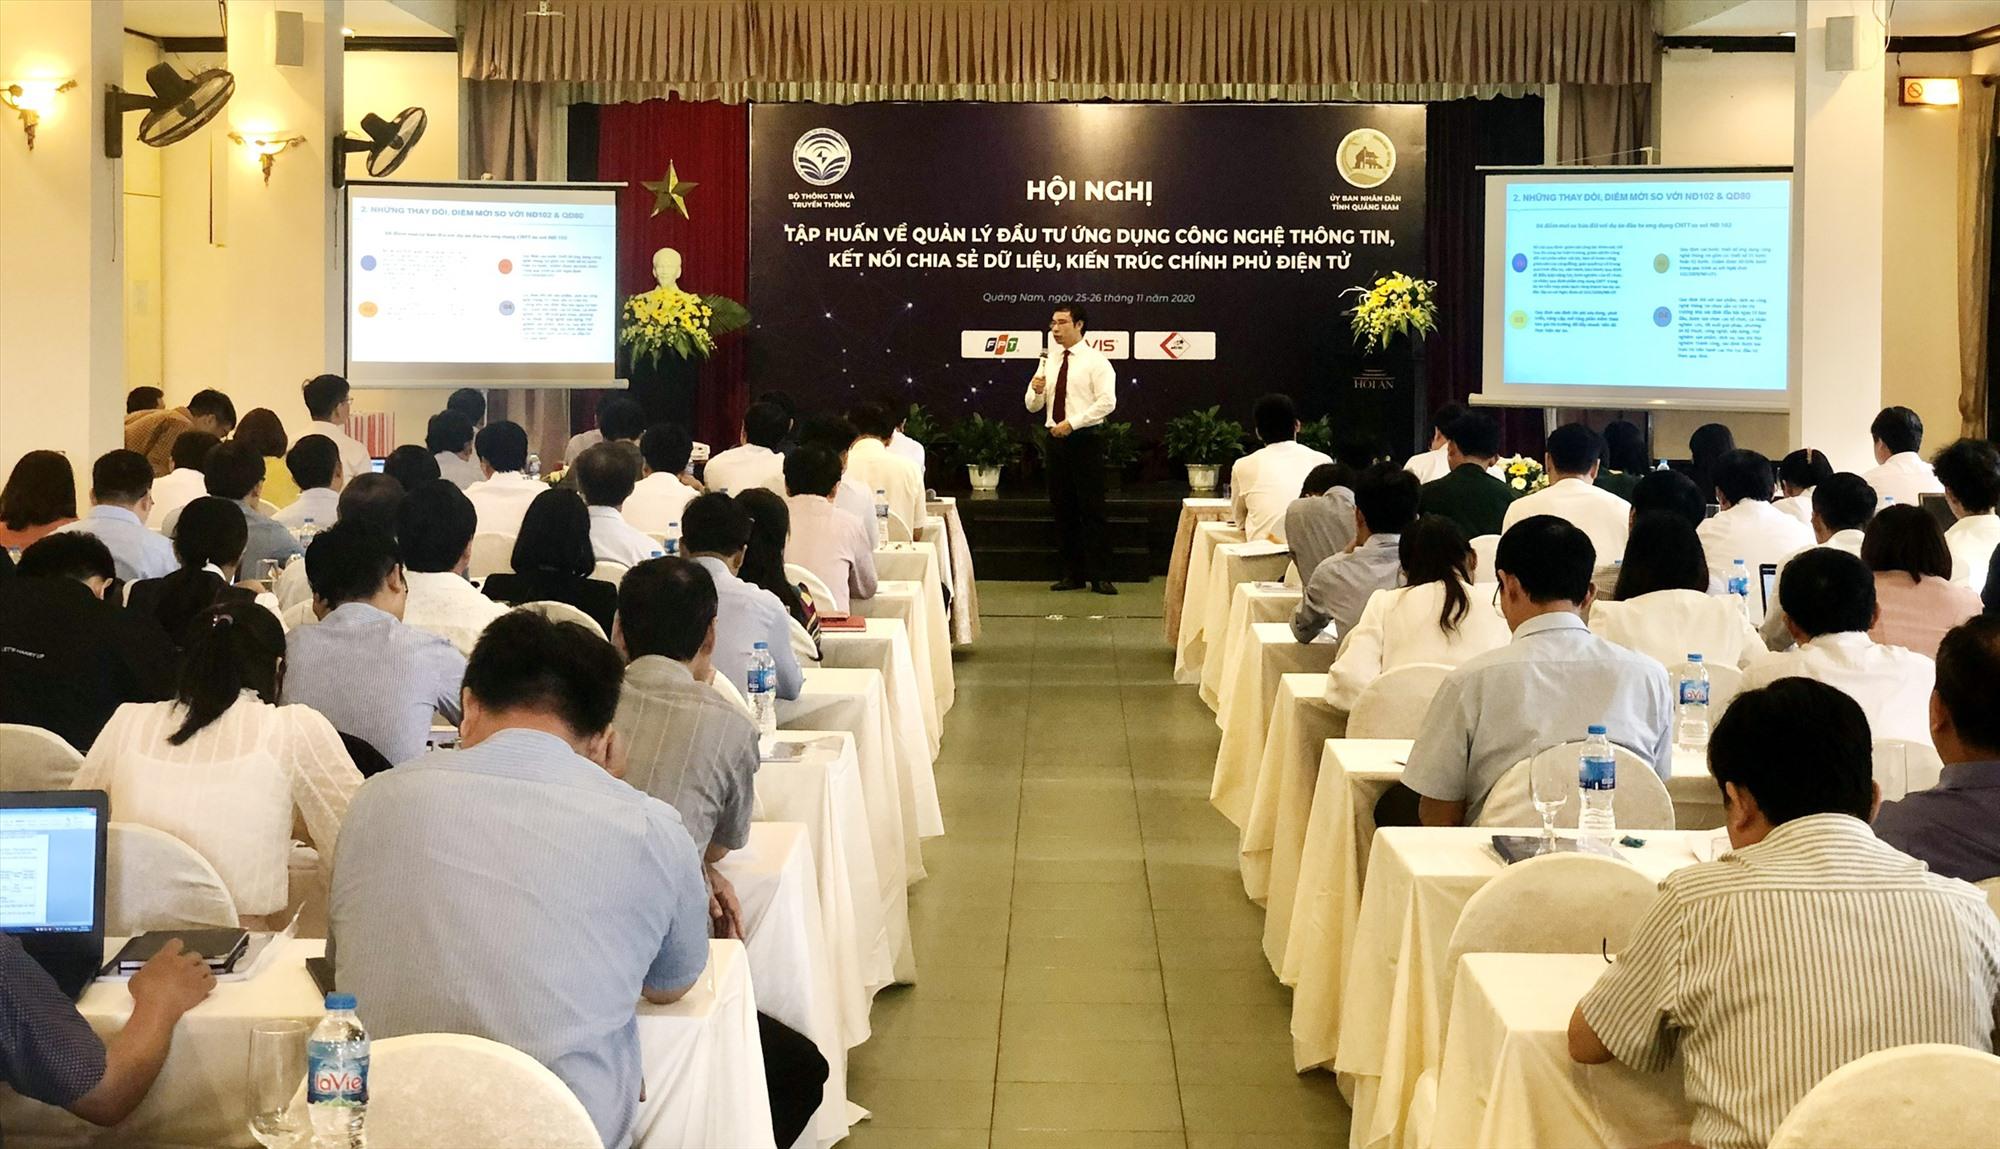 Ảnh: quangnam.gov.vn.